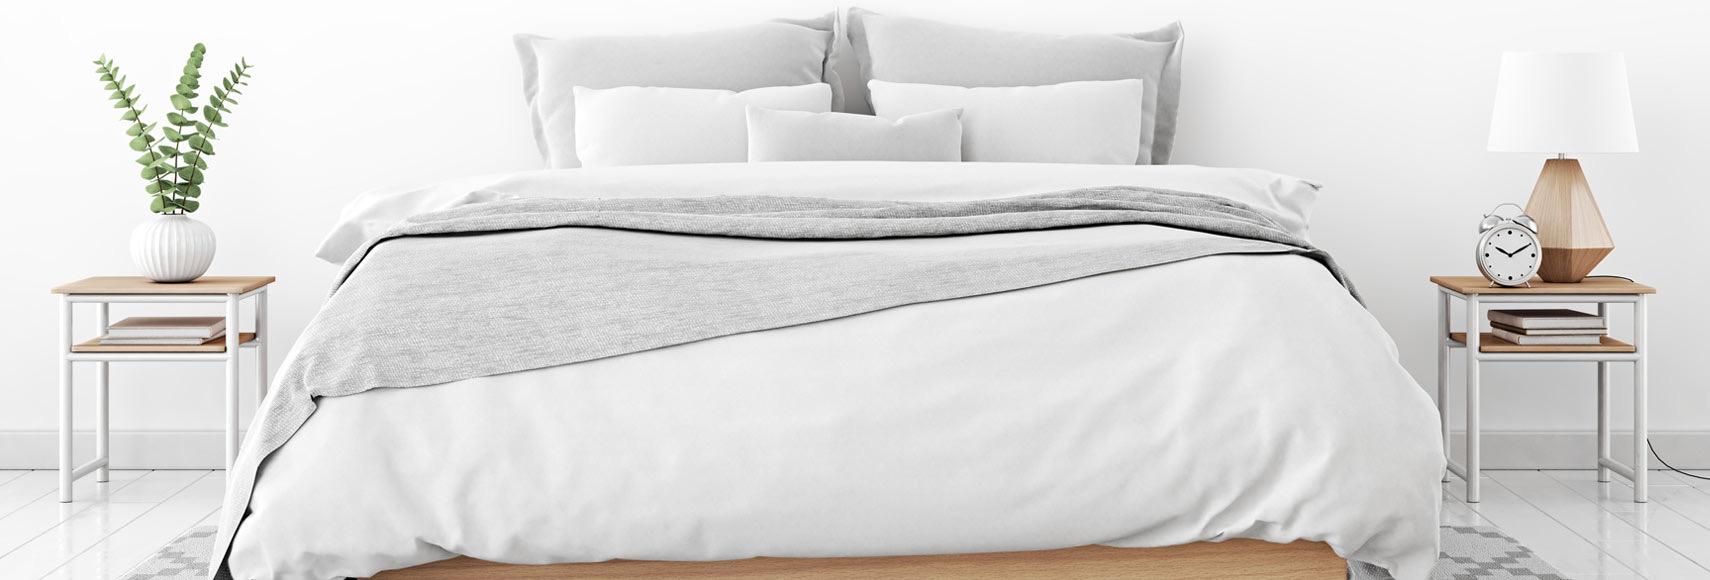 acheter un lit en ligne